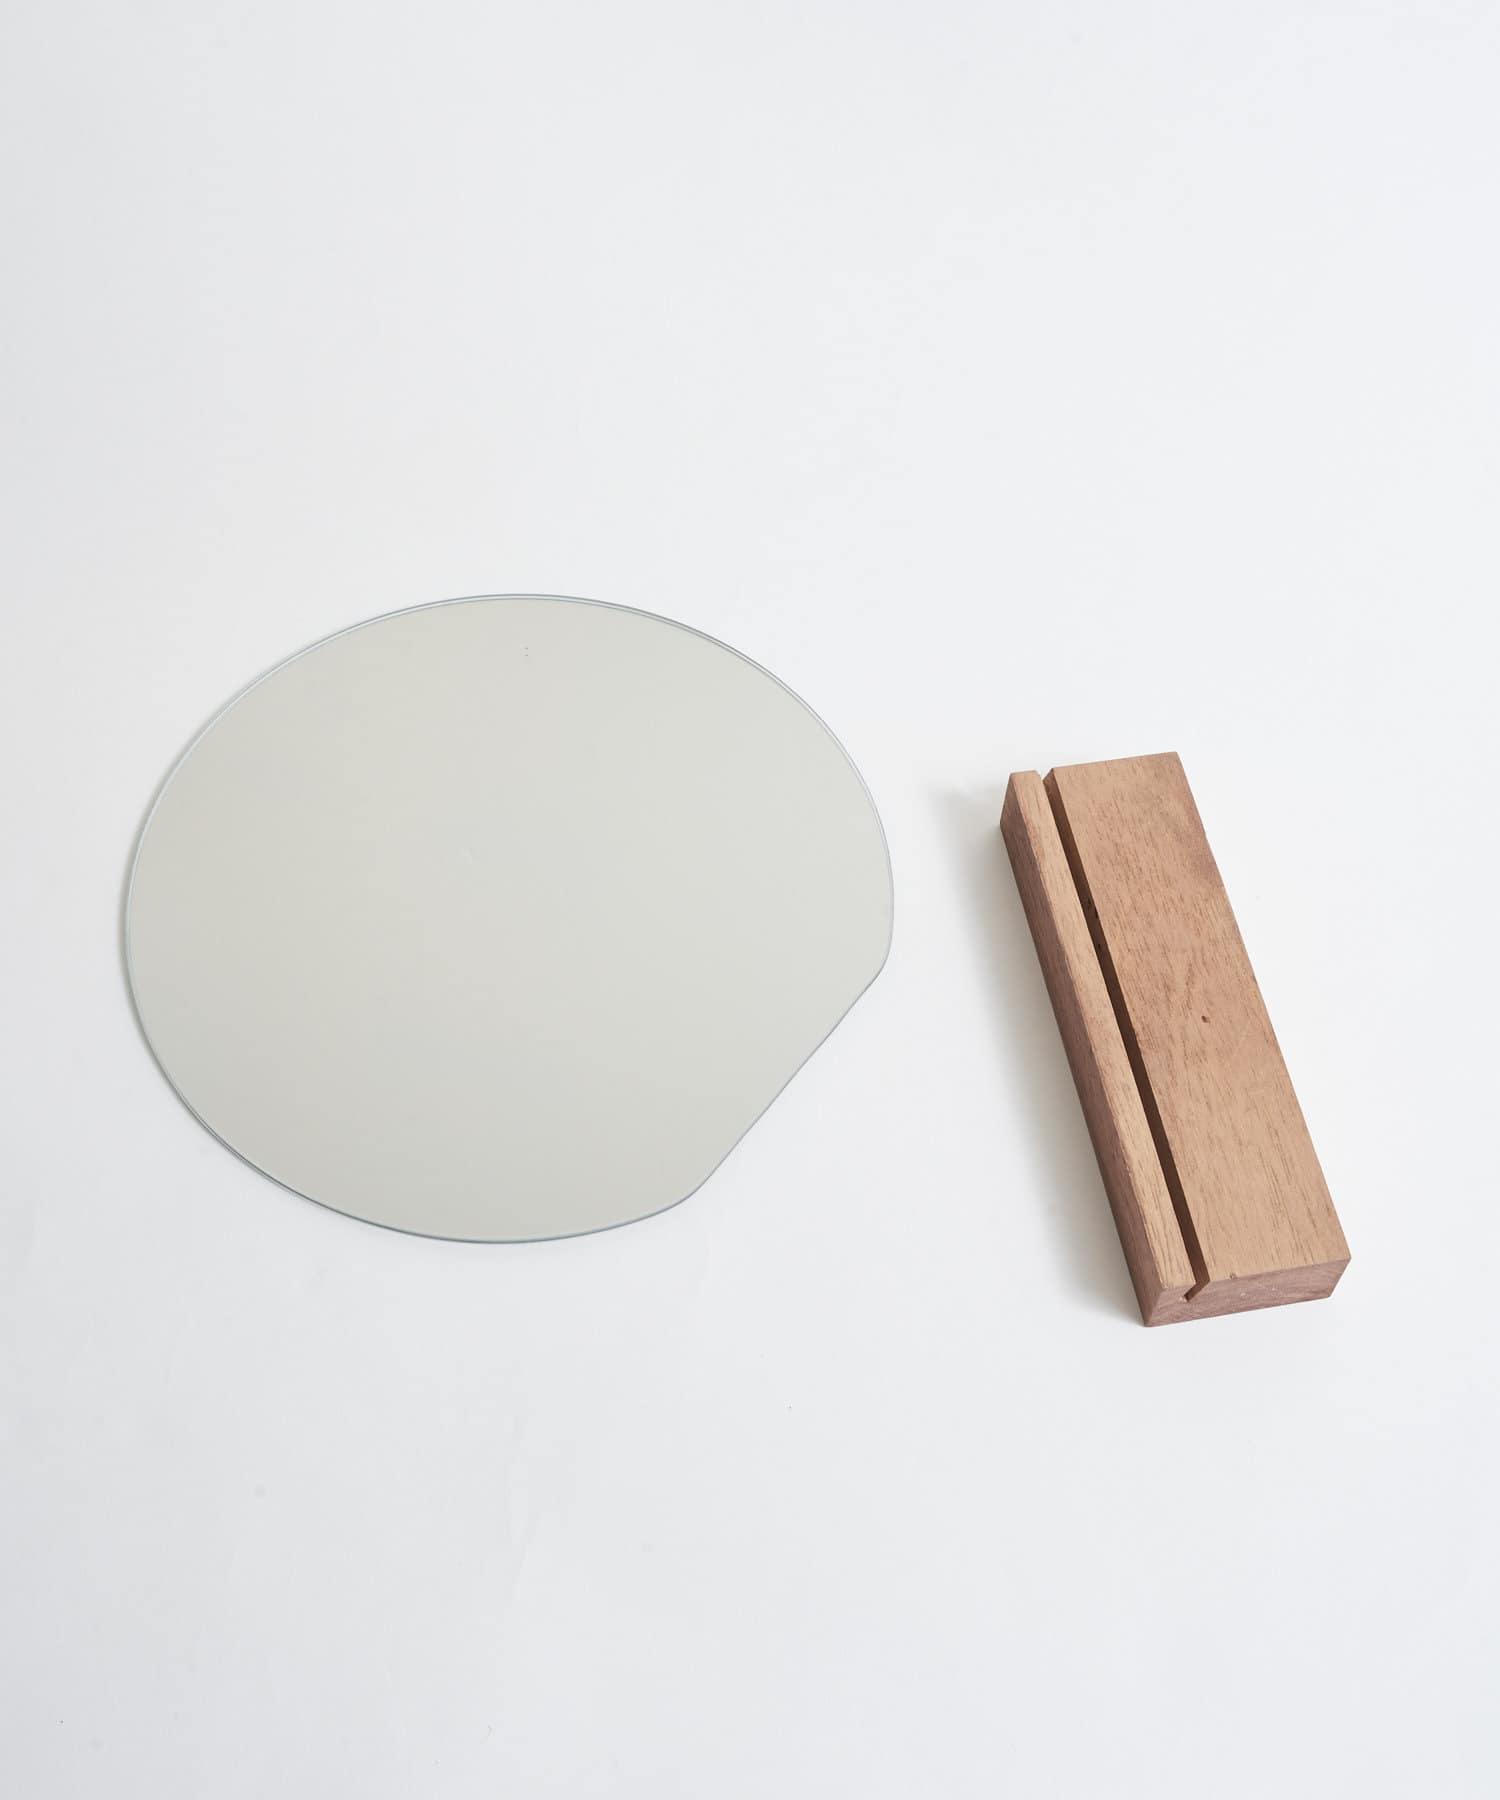 Lattice(ラティス) 【韓国風インテリア】ラウンドスタンドミラー